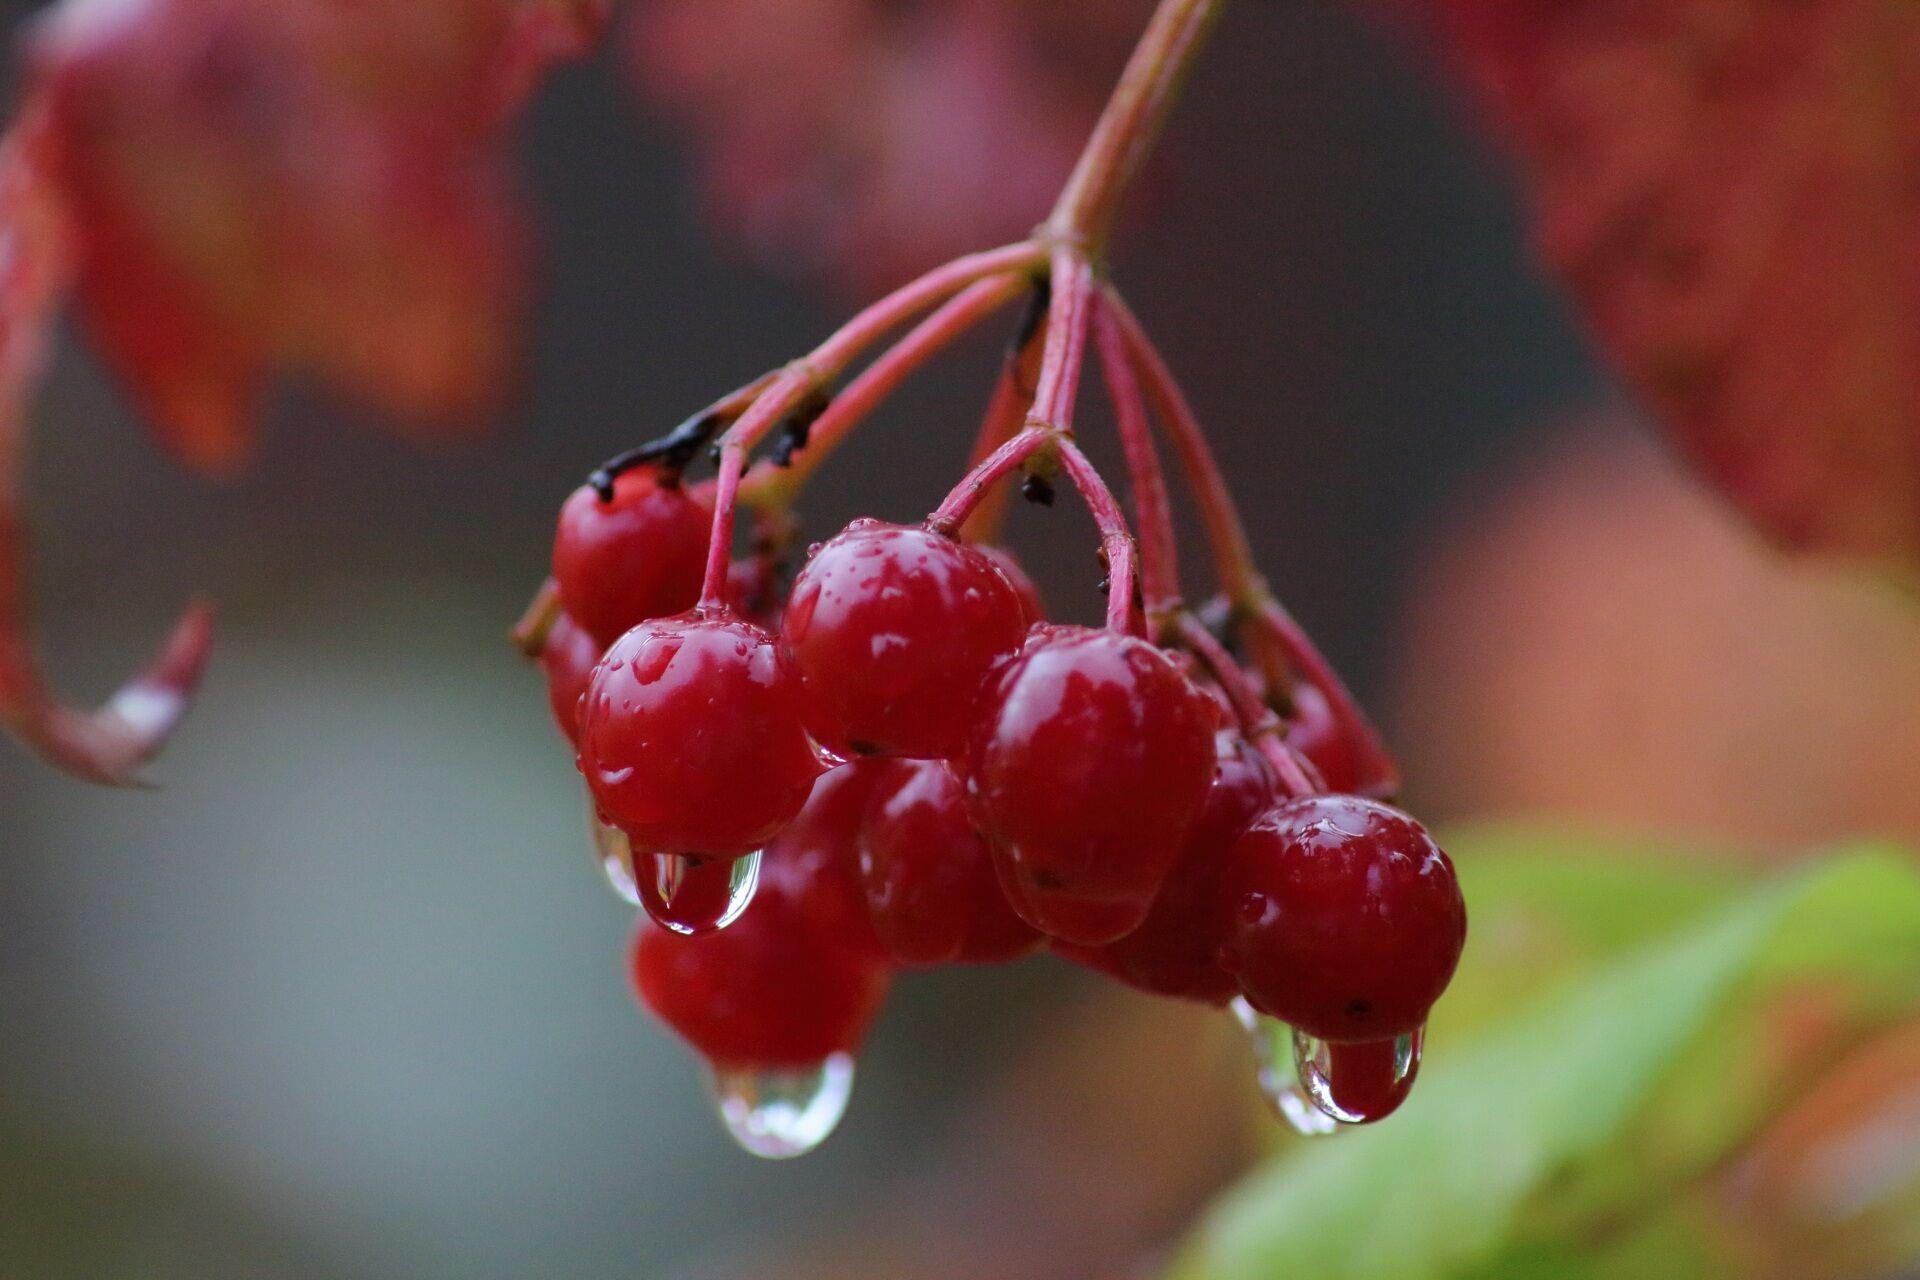 22 вересня стежили за погодою, щоб за прикметами передбачити, якою буде зима